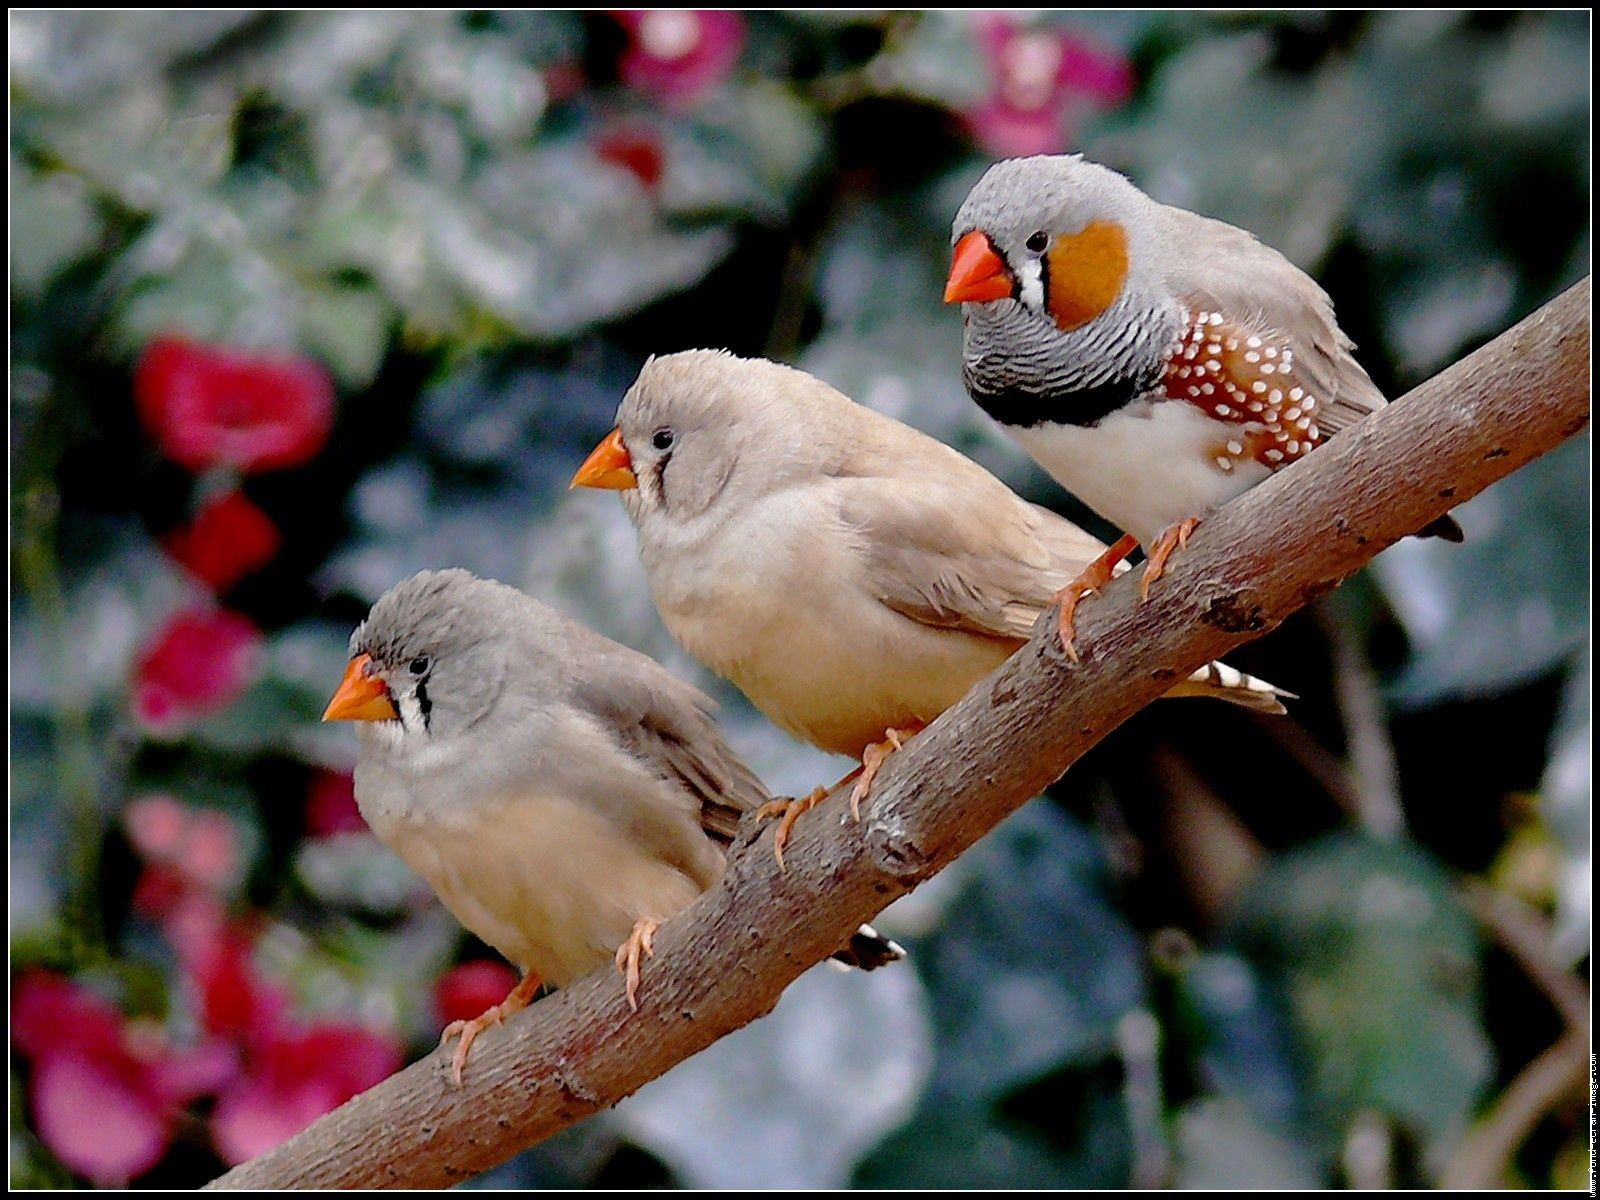 magnifiques oiseaux !!